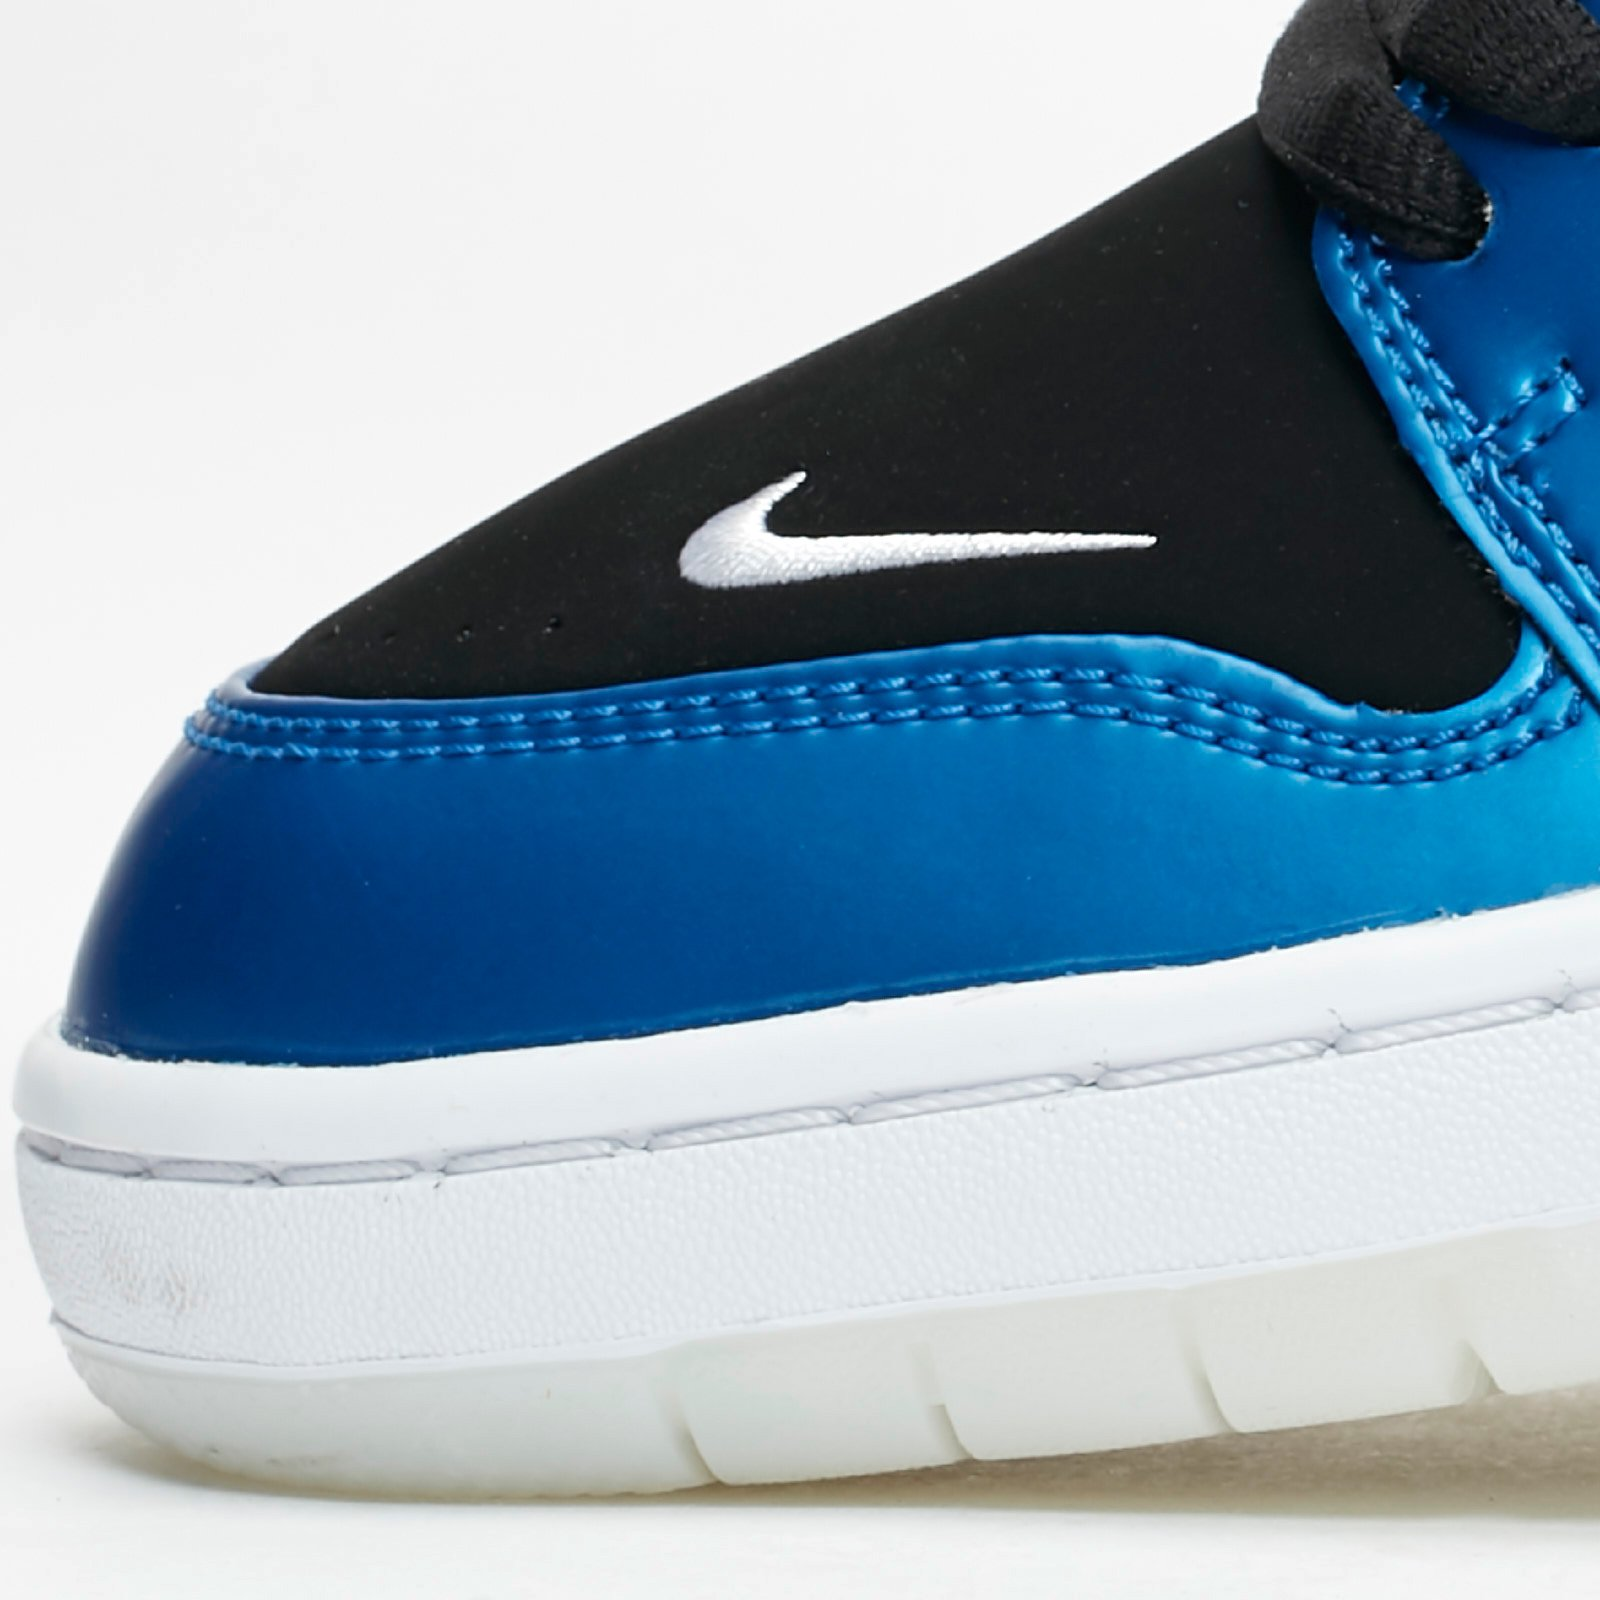 15b1bf6c150c Nike SB Air Force Low II QS - Av3800-440 - Sneakersnstuff